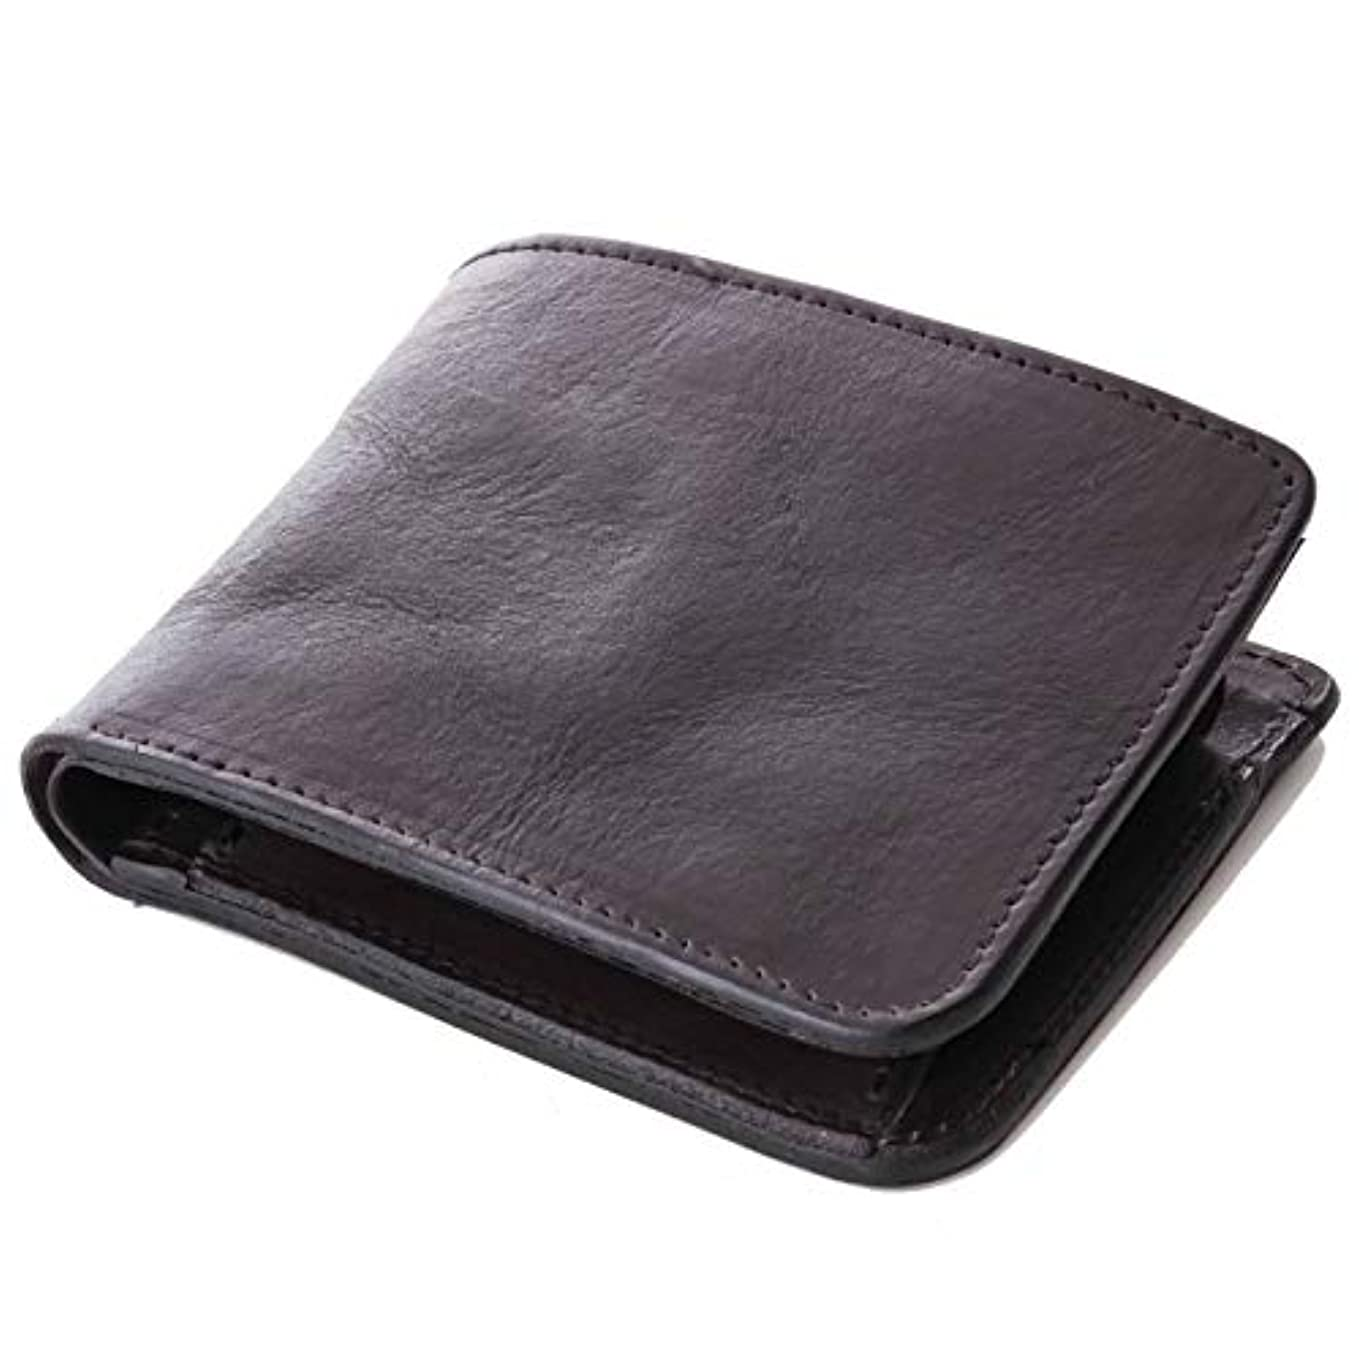 革命びっくりする侵略[ダブルウッドジャパン] 財布 二つ折り 本革 日本製 革の質感が伝わる仕上げ「abba Short」